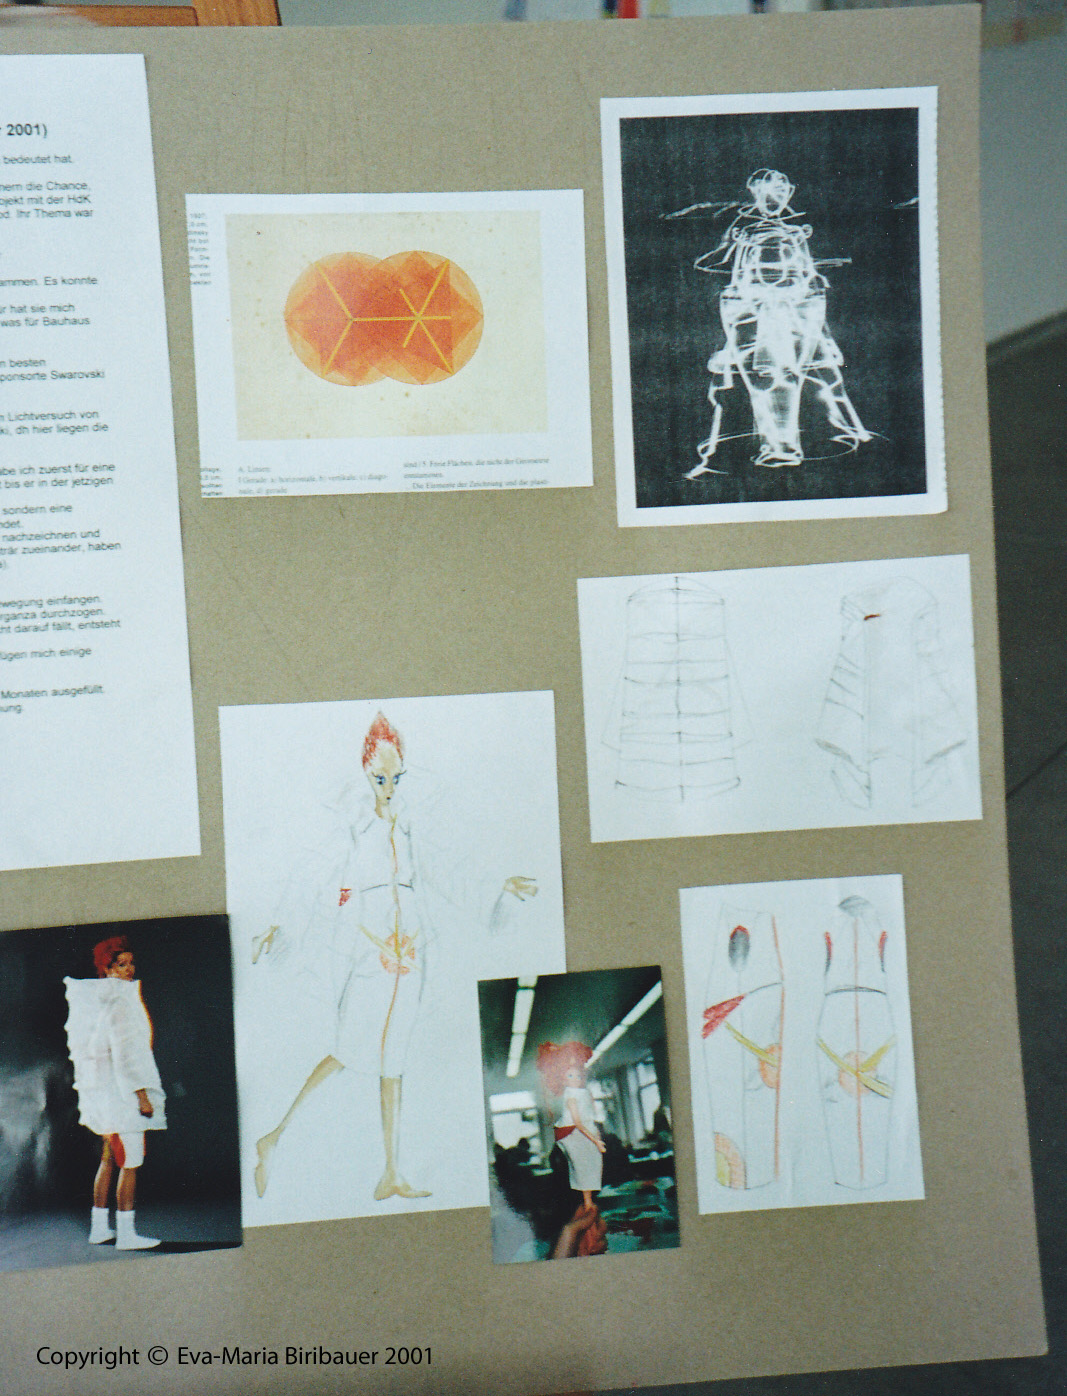 Finished designs and photos af the original artwork